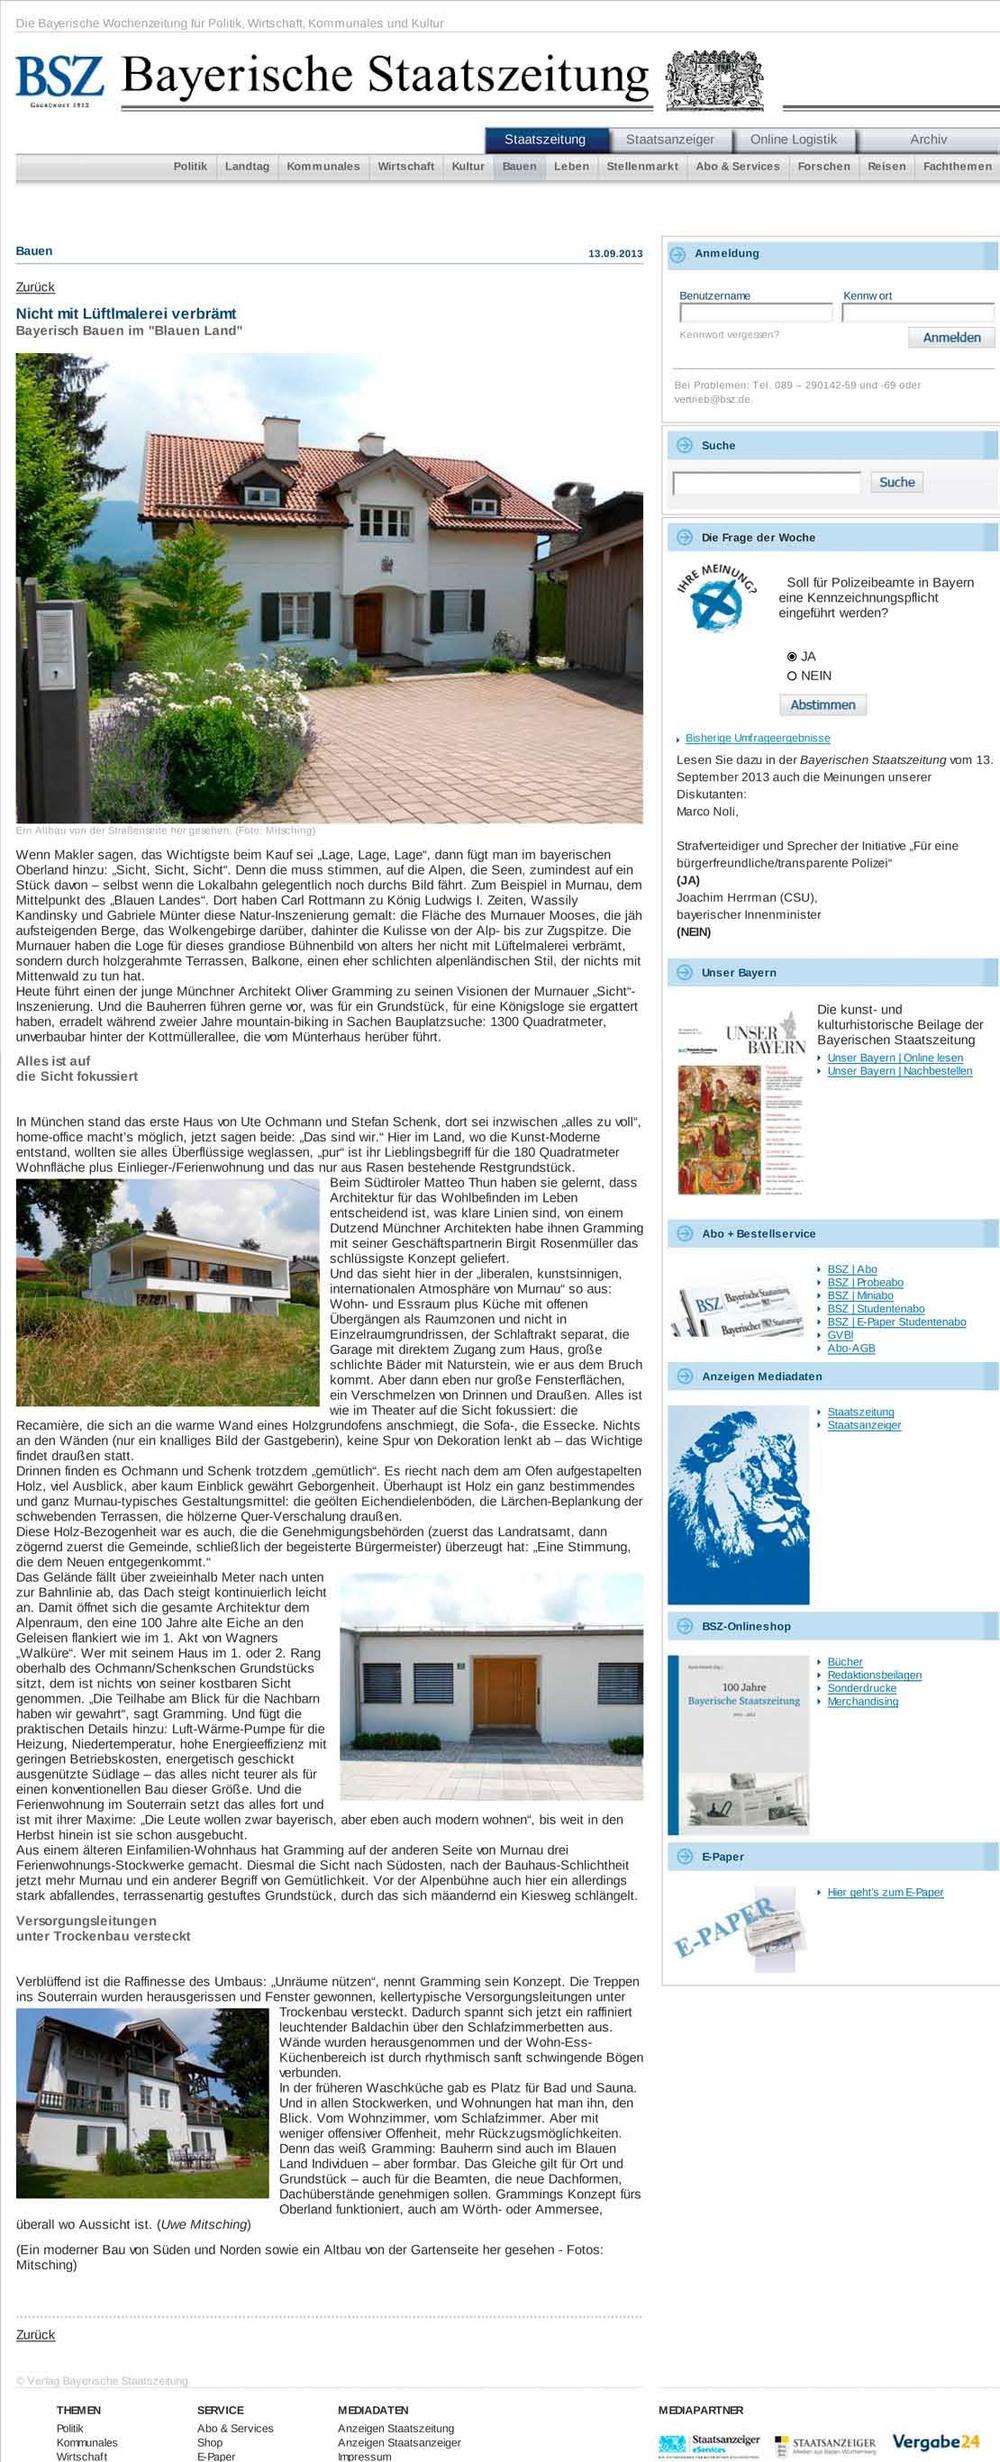 www_bayerische_staatszeitung_de_staatszeitung_bauen_detailan-1.jpg